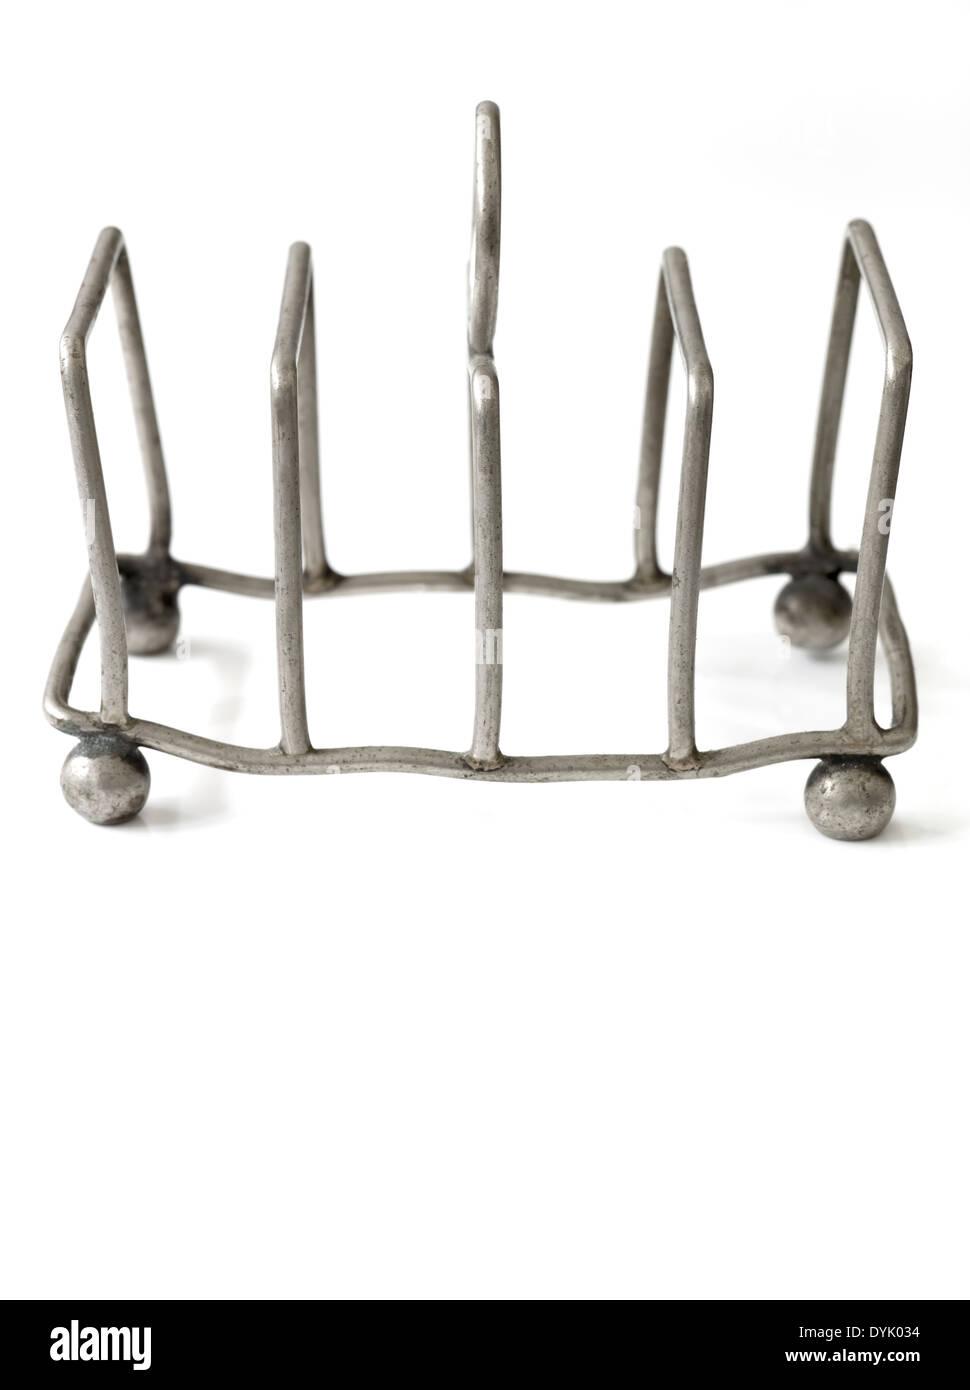 Vintage Metal Toast Rack - Stock Image